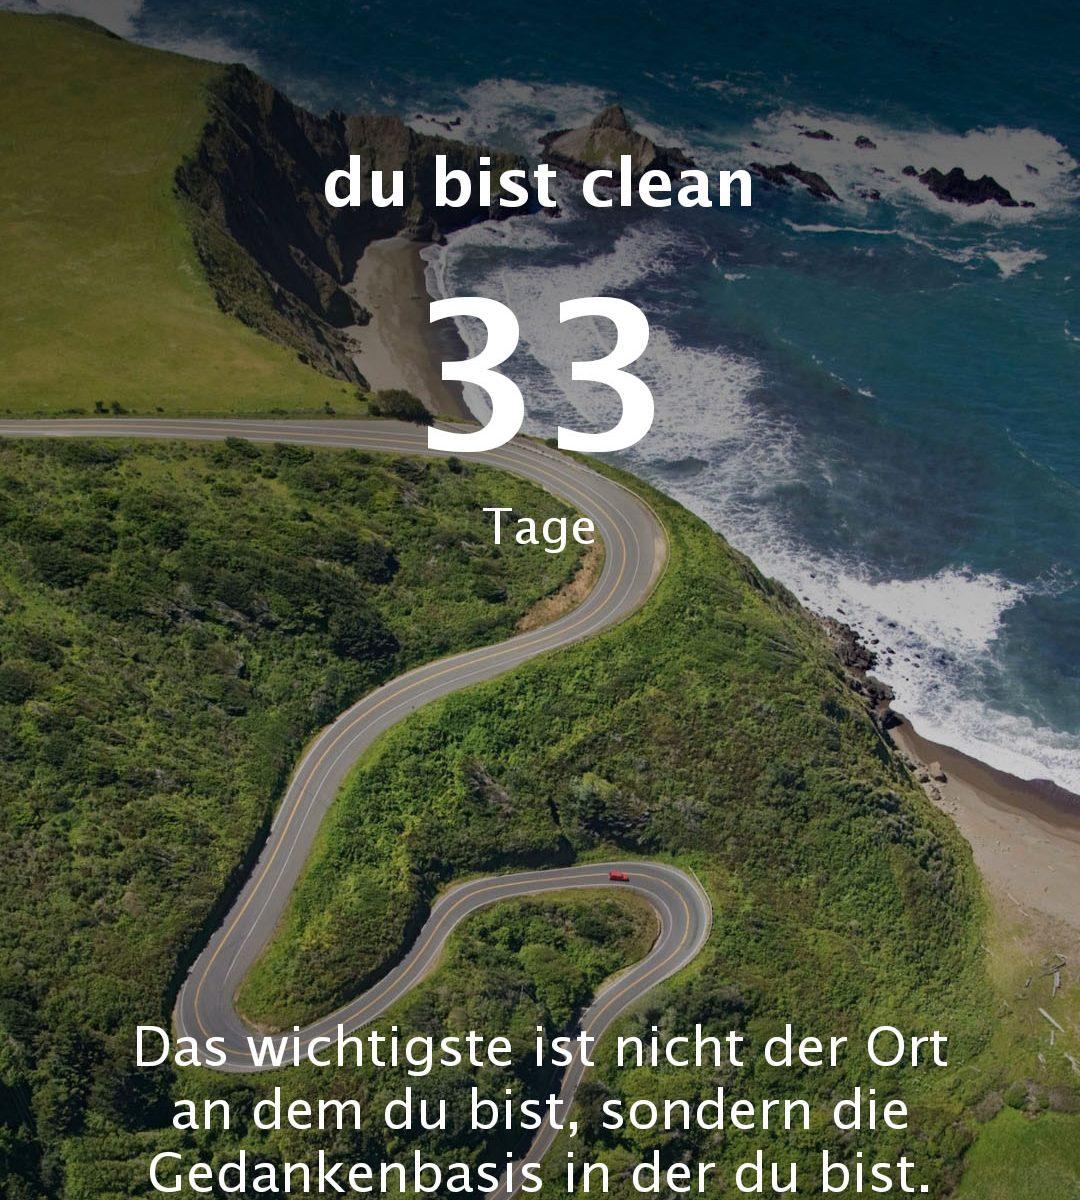 App Cleanday Clean Day Suchtdruck Abstinenztage zählen